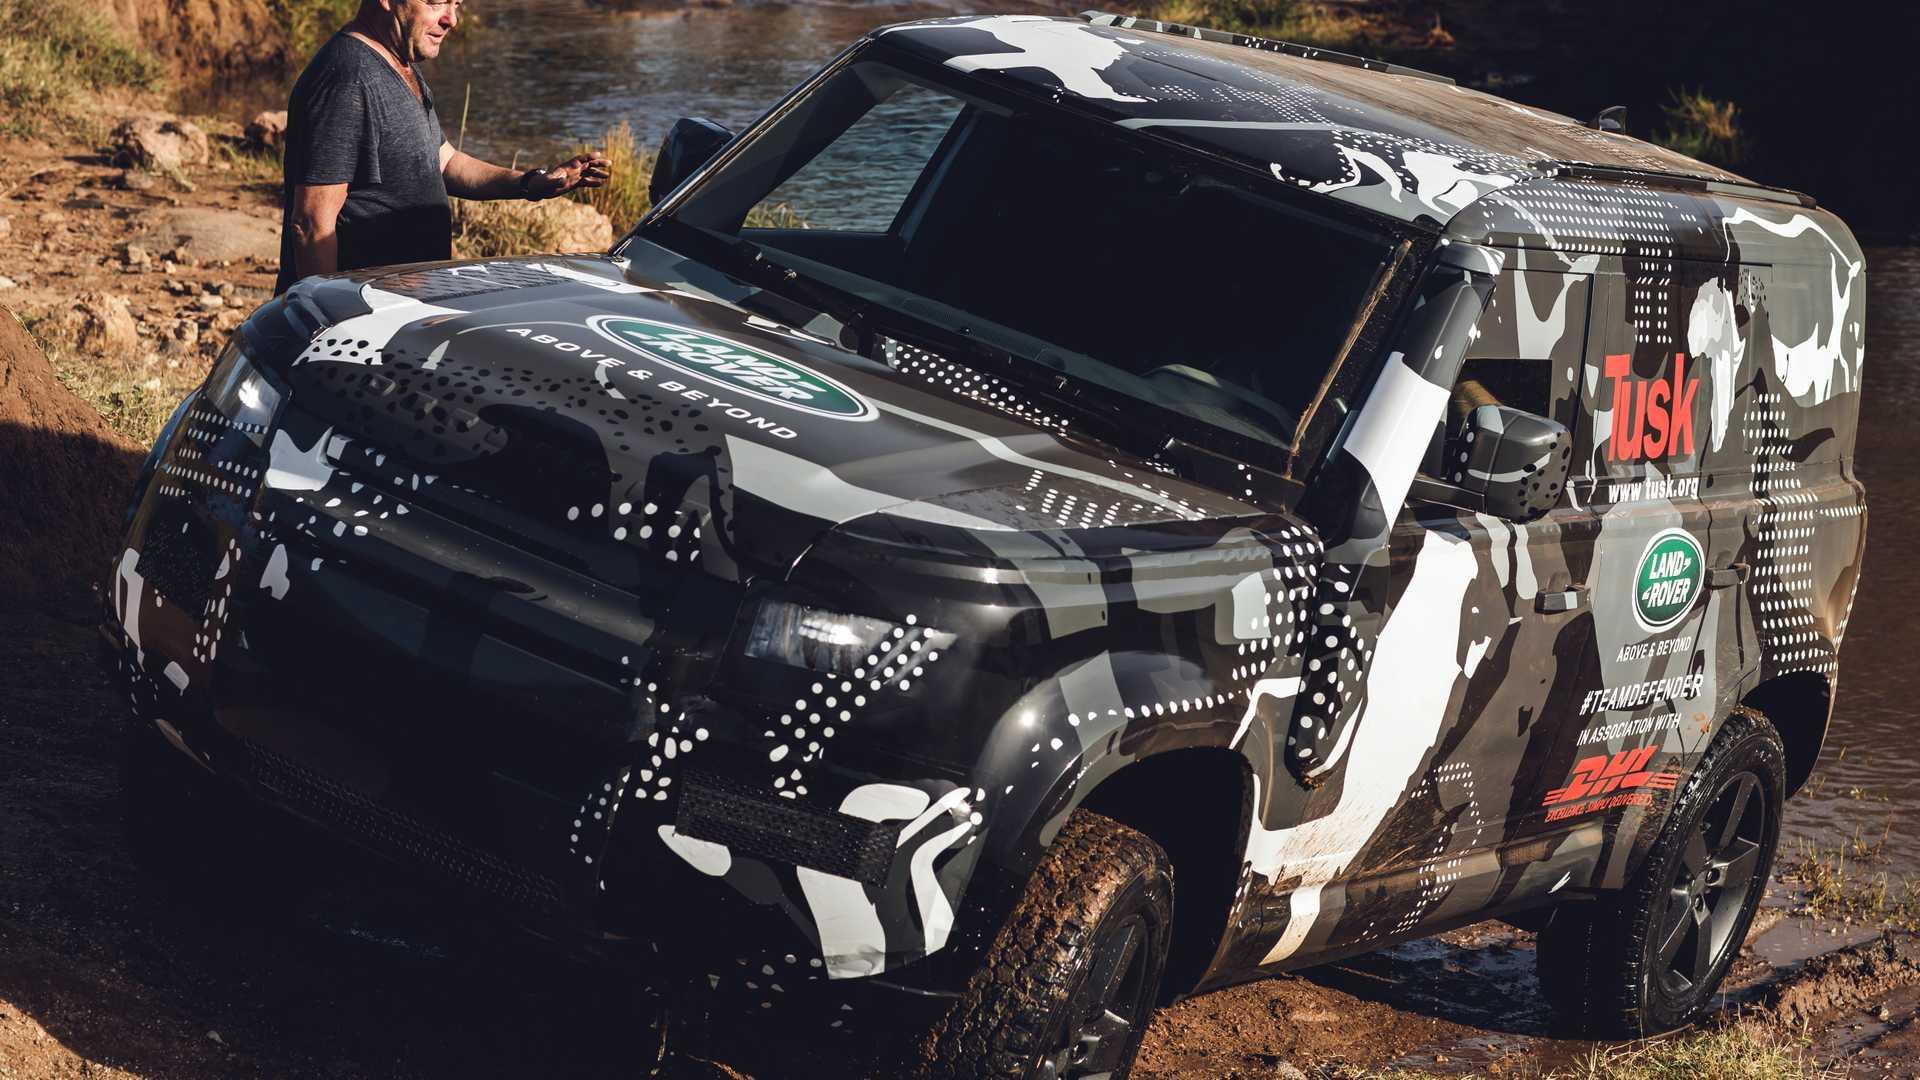 2020 Land Rover Defender Confirmed With Mild-Hybrid, Plug